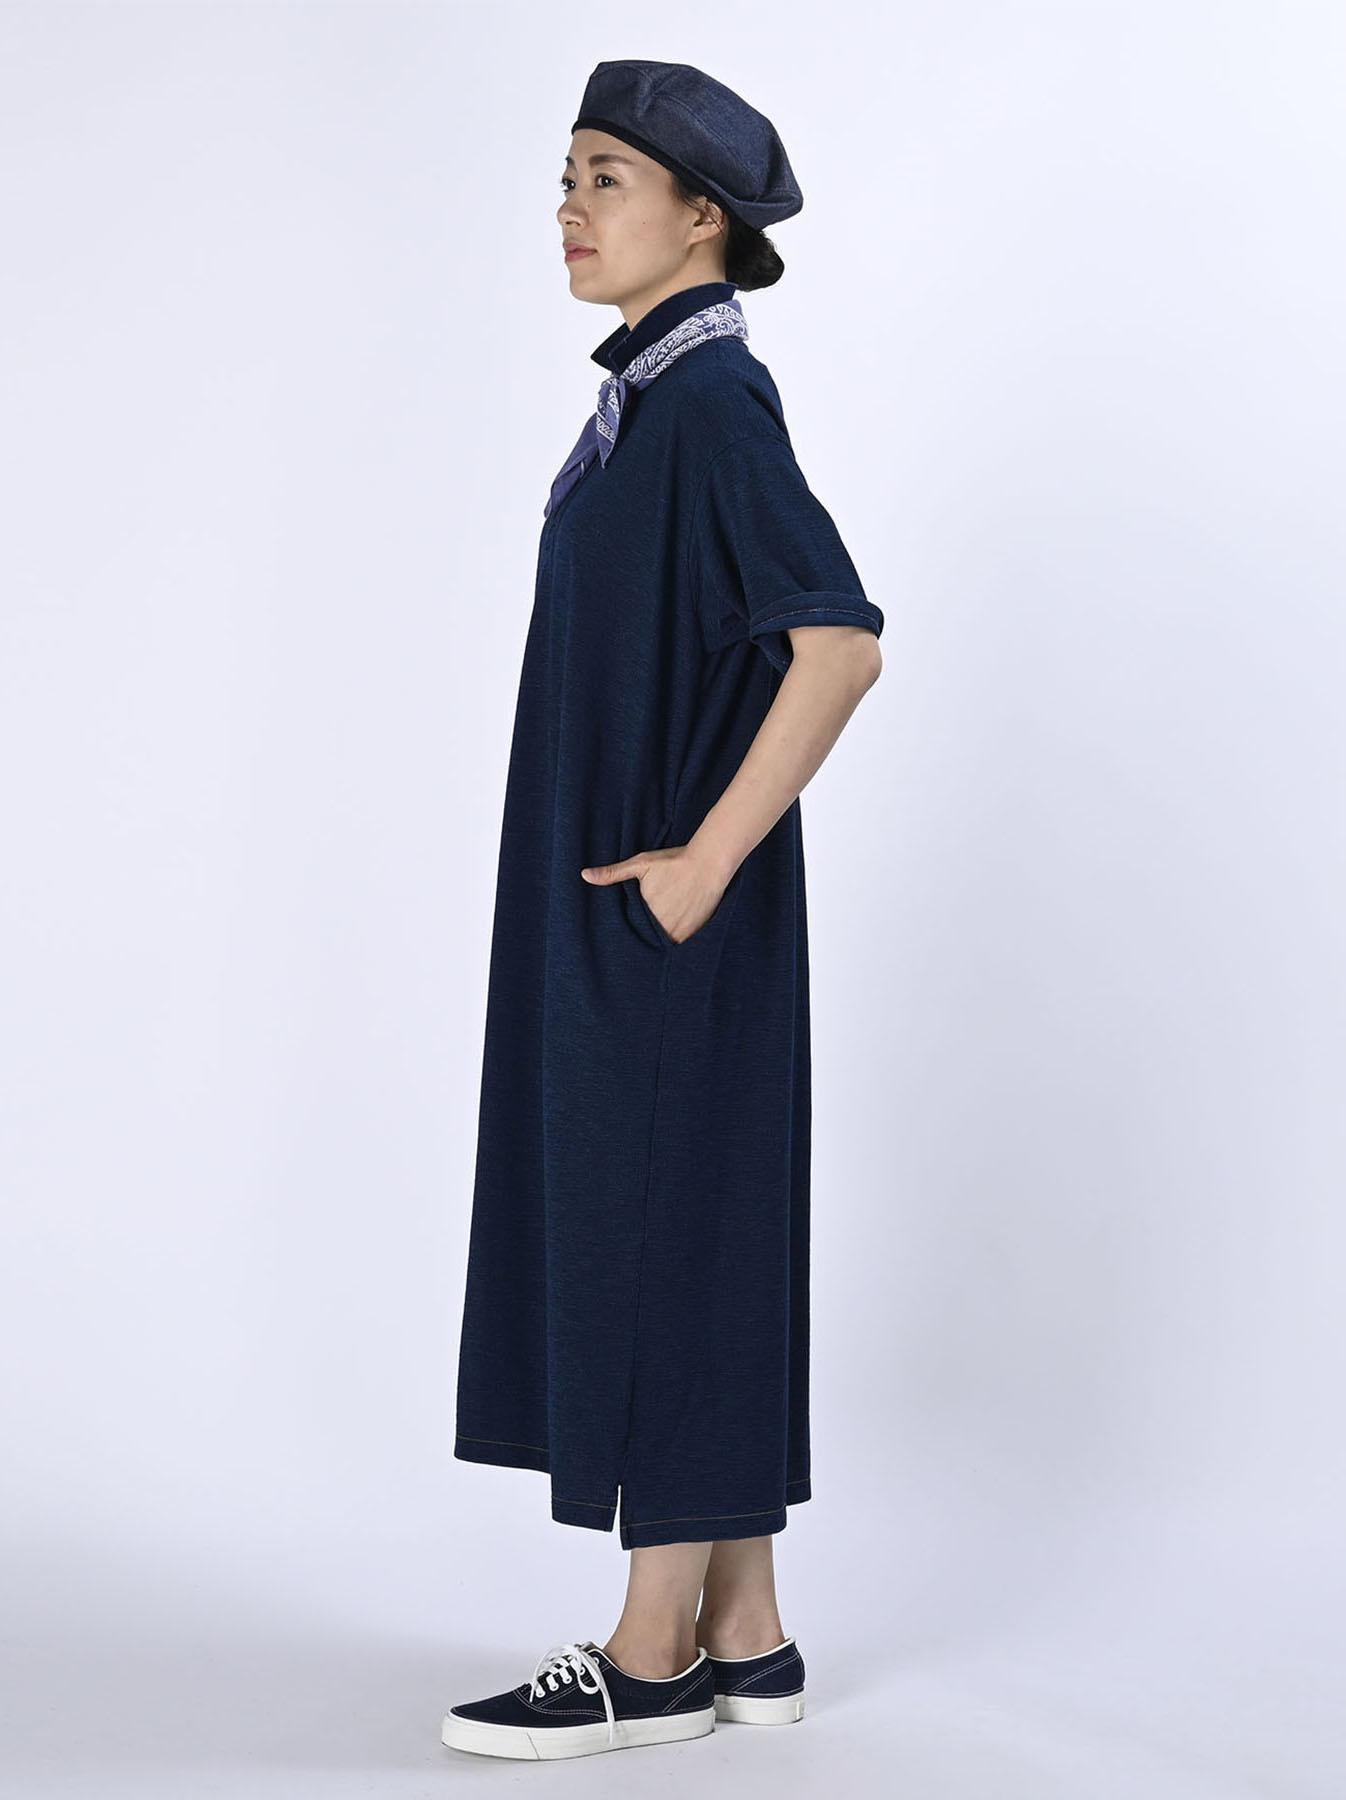 Indigo Kanoko Ocean Shiokaze Short-sleeved Polo Dress (0521)-3